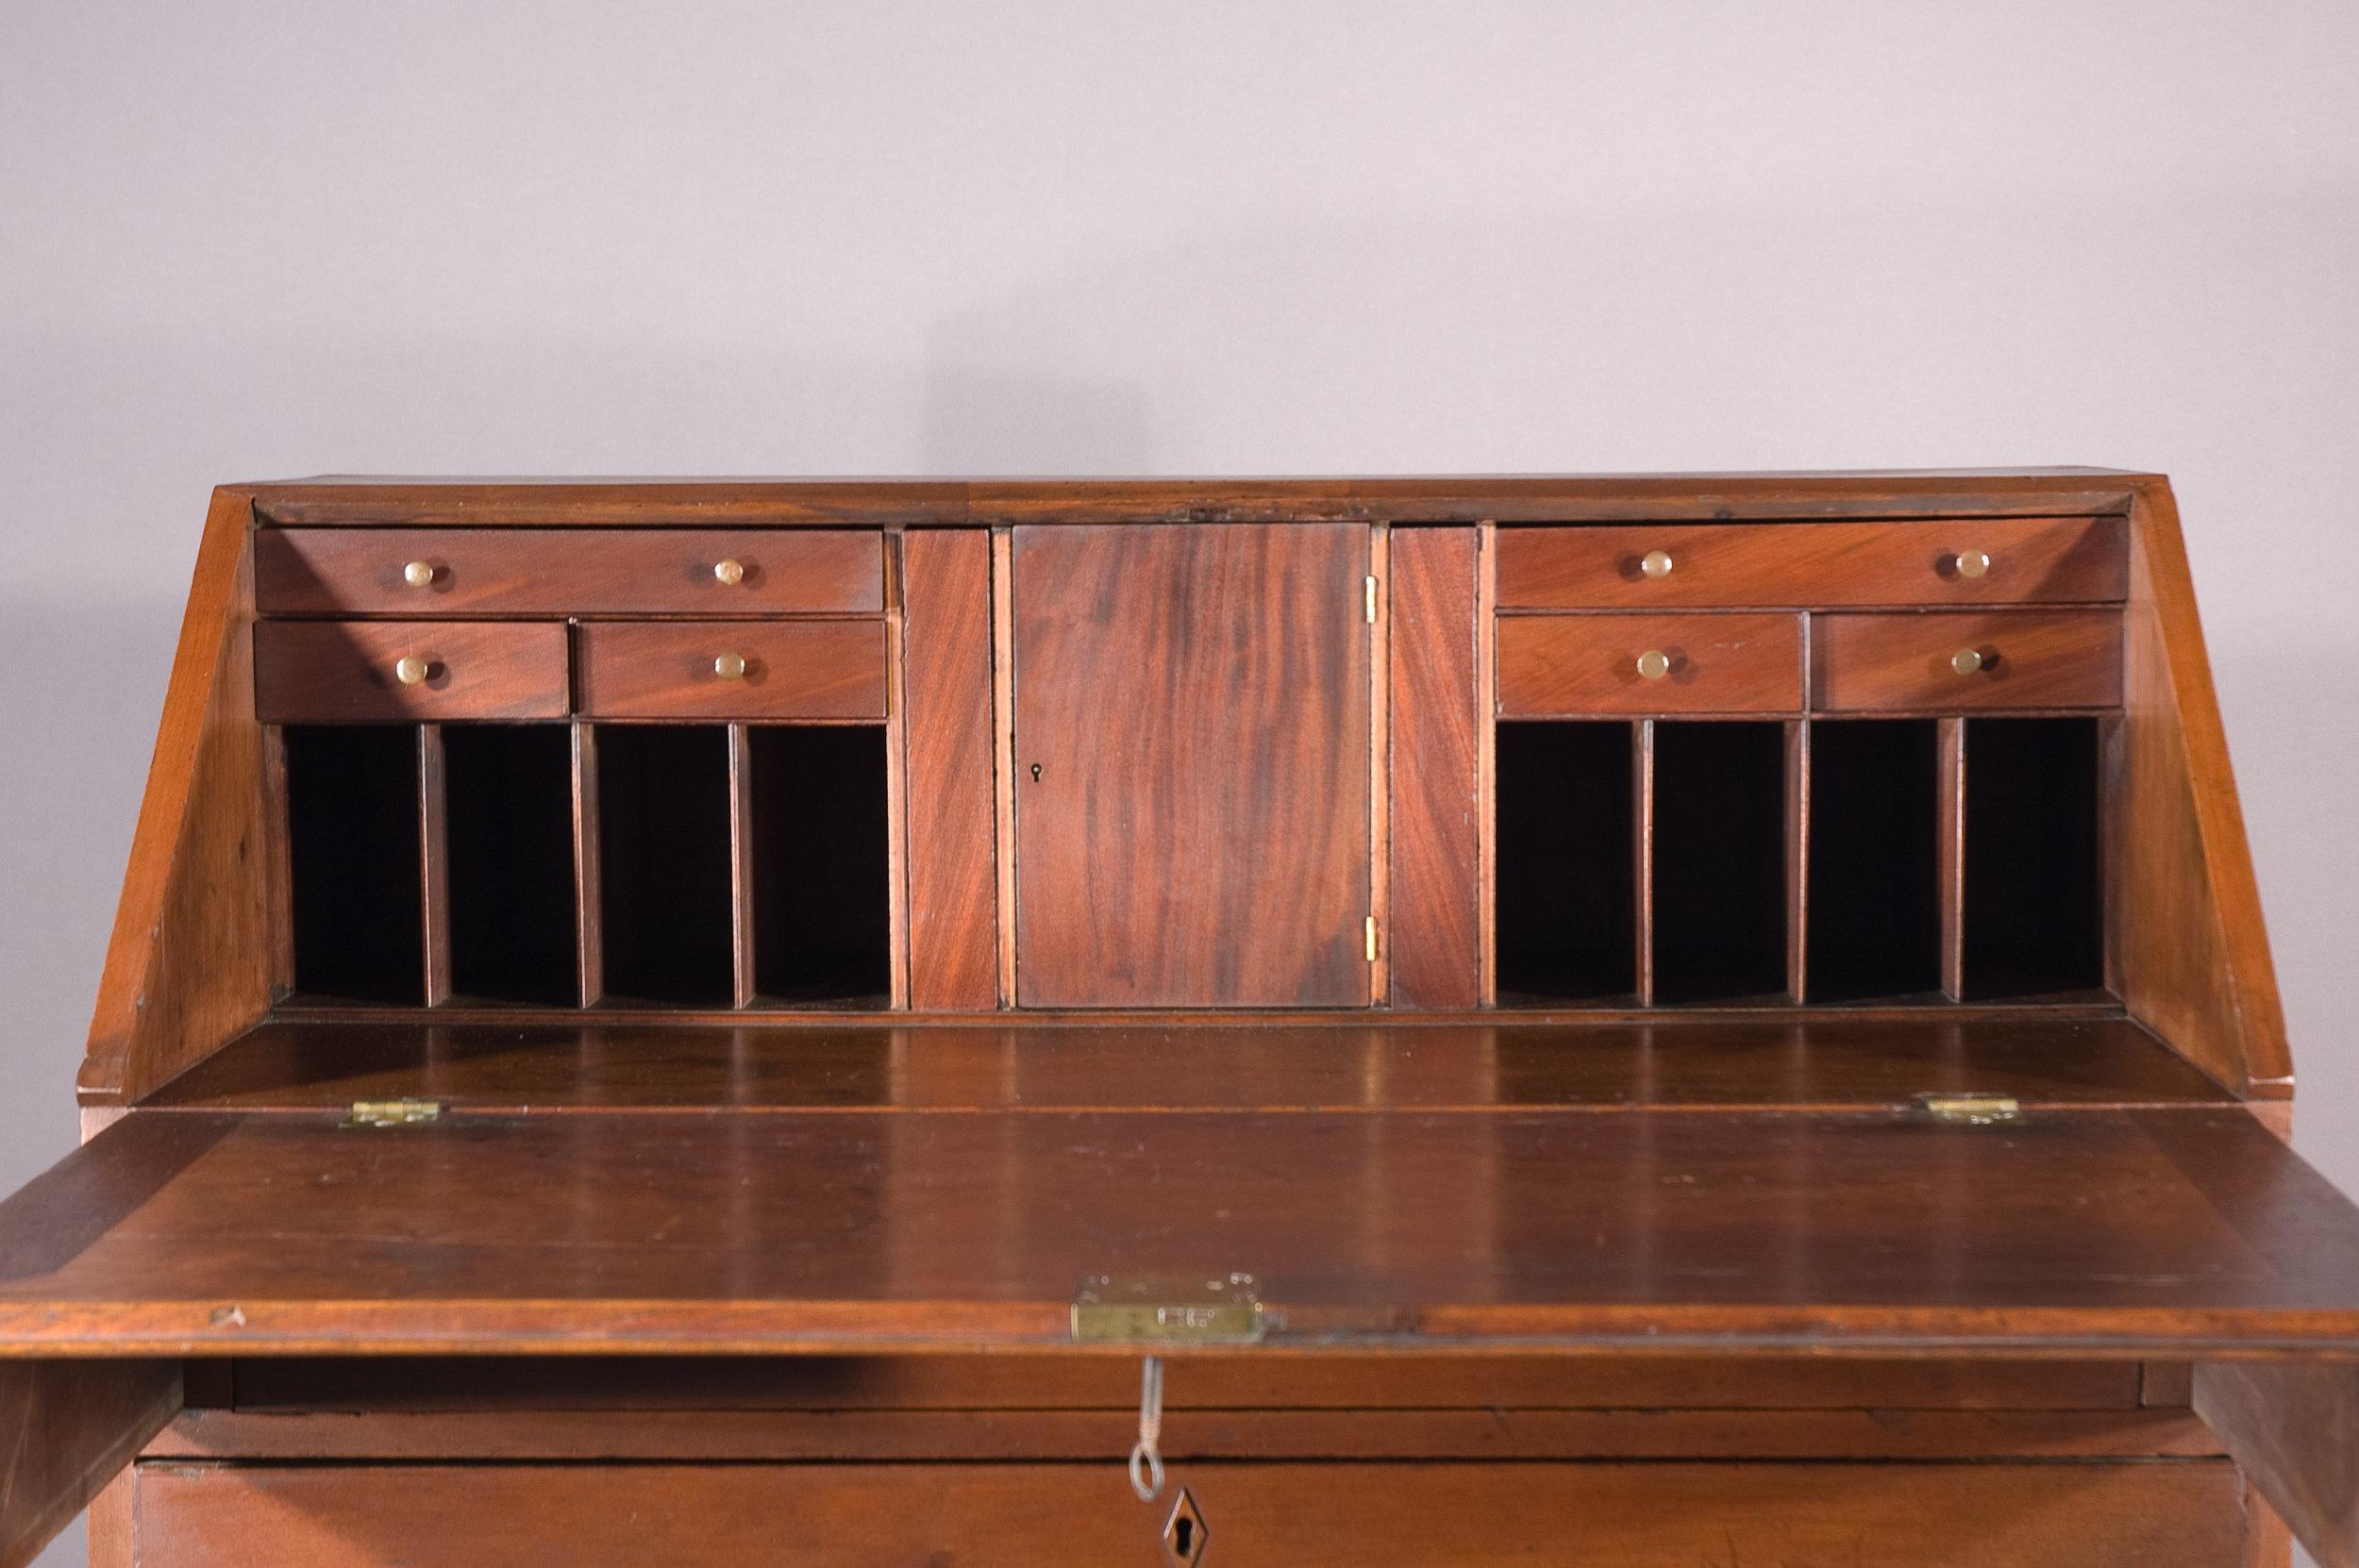 NJ_Desk-10-After